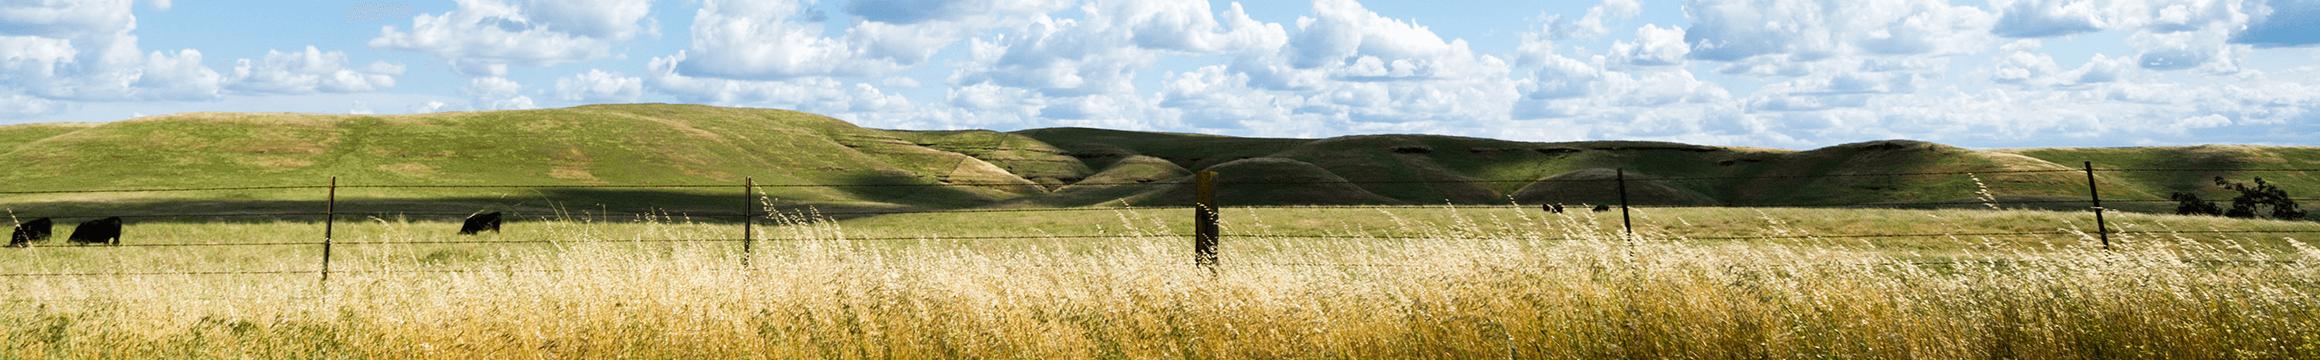 Rural-Clouds